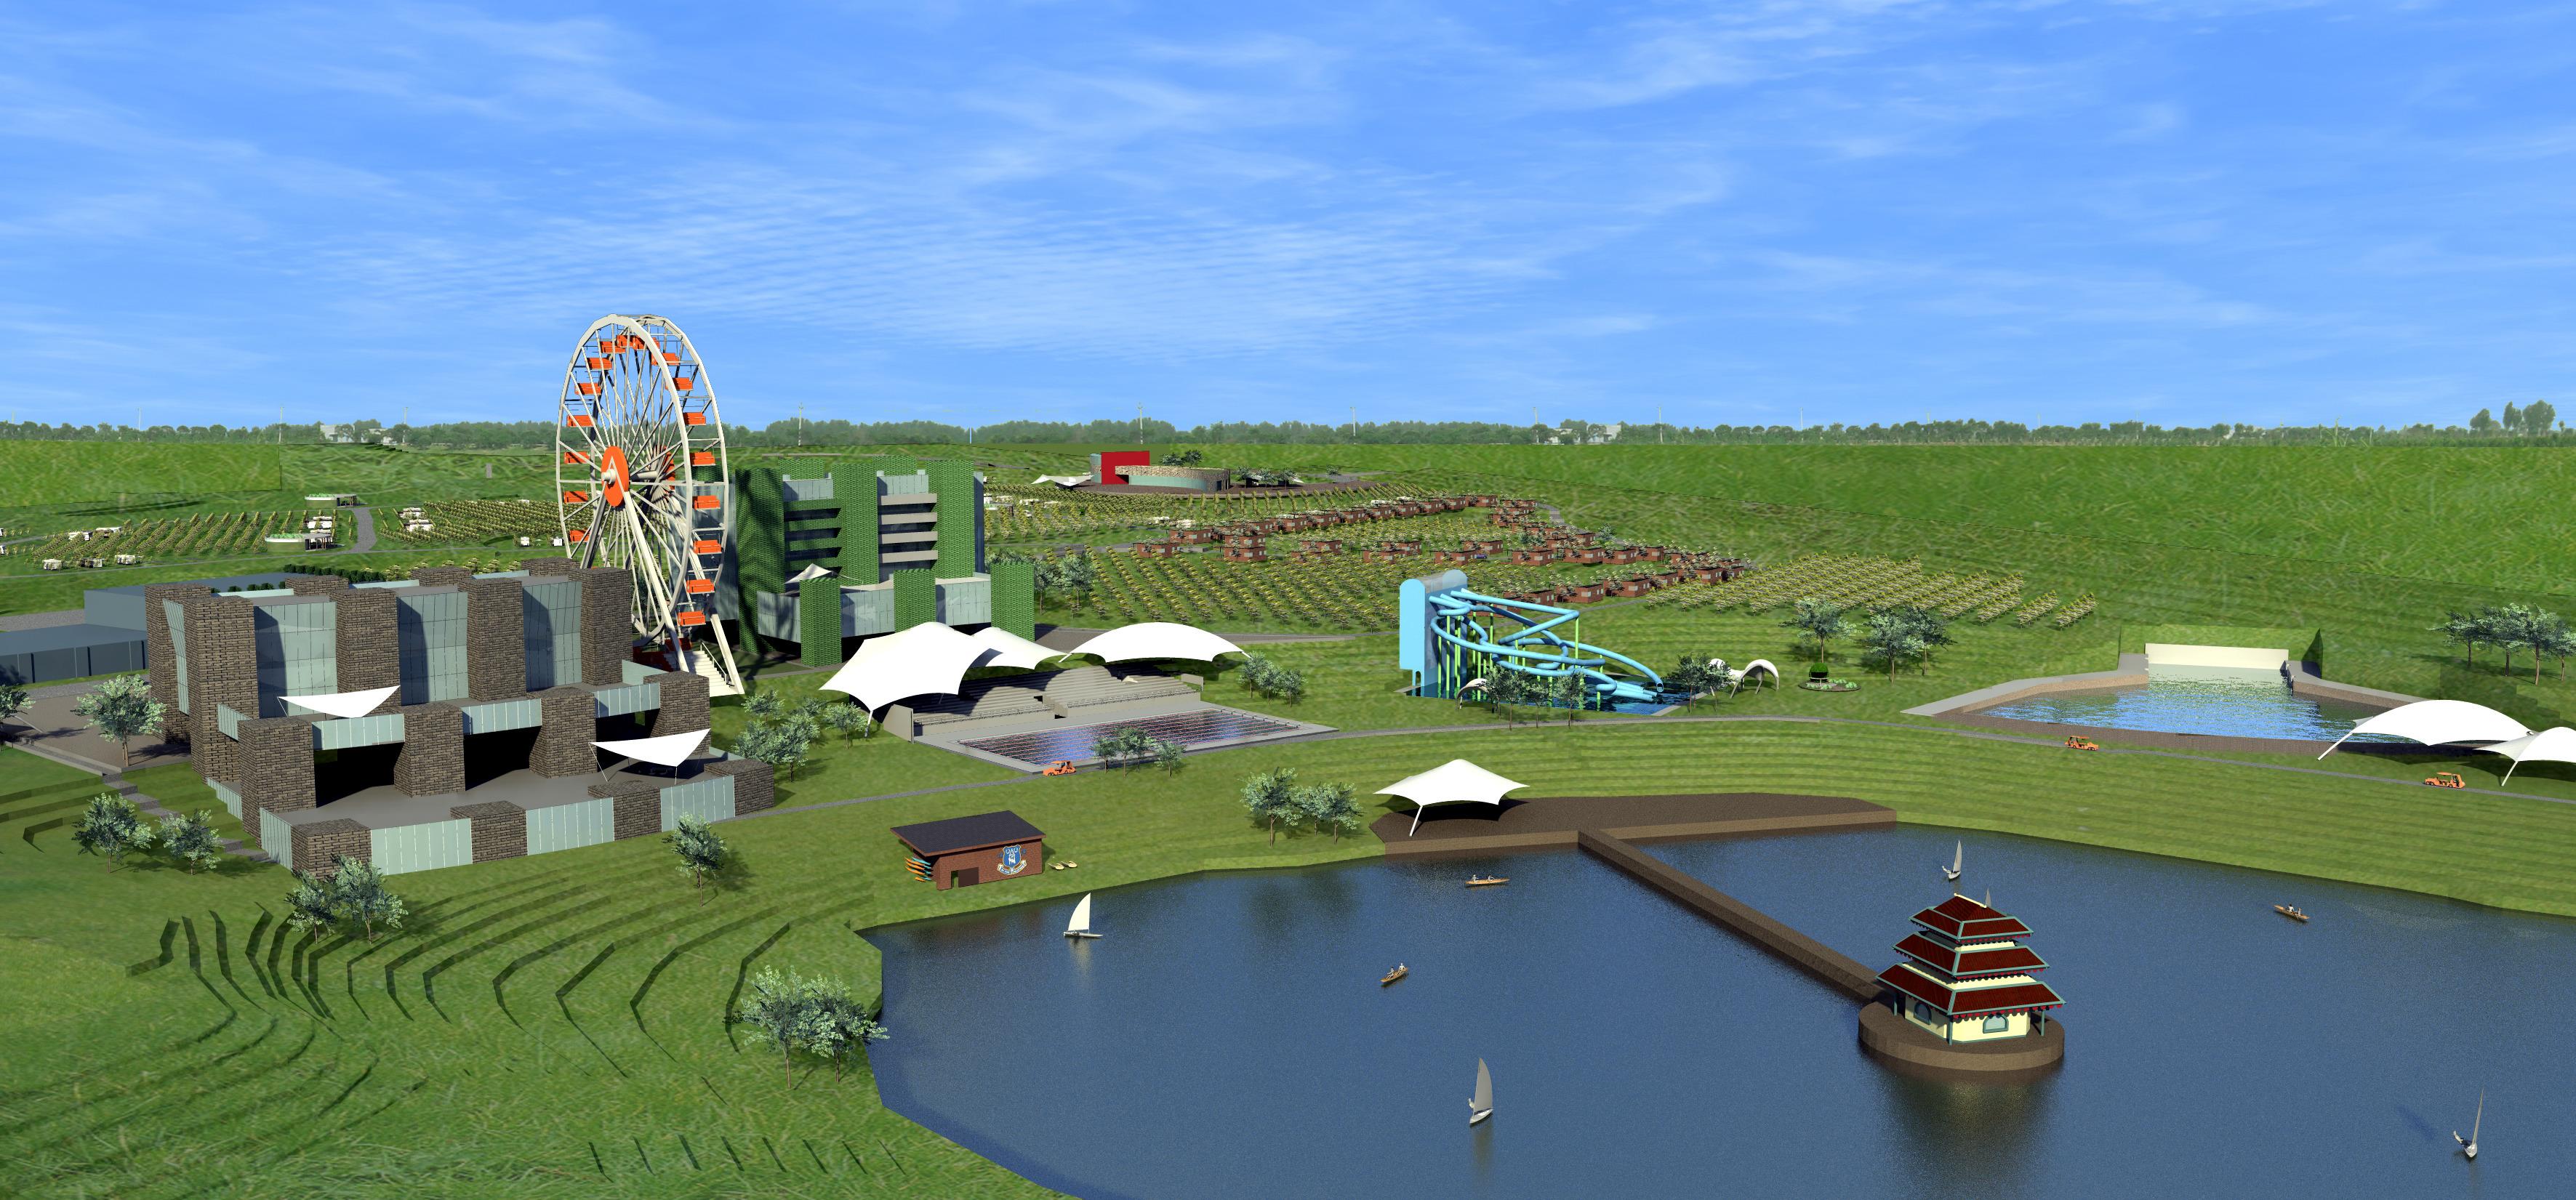 京郊梭草鱼世界旅游重点项目招商